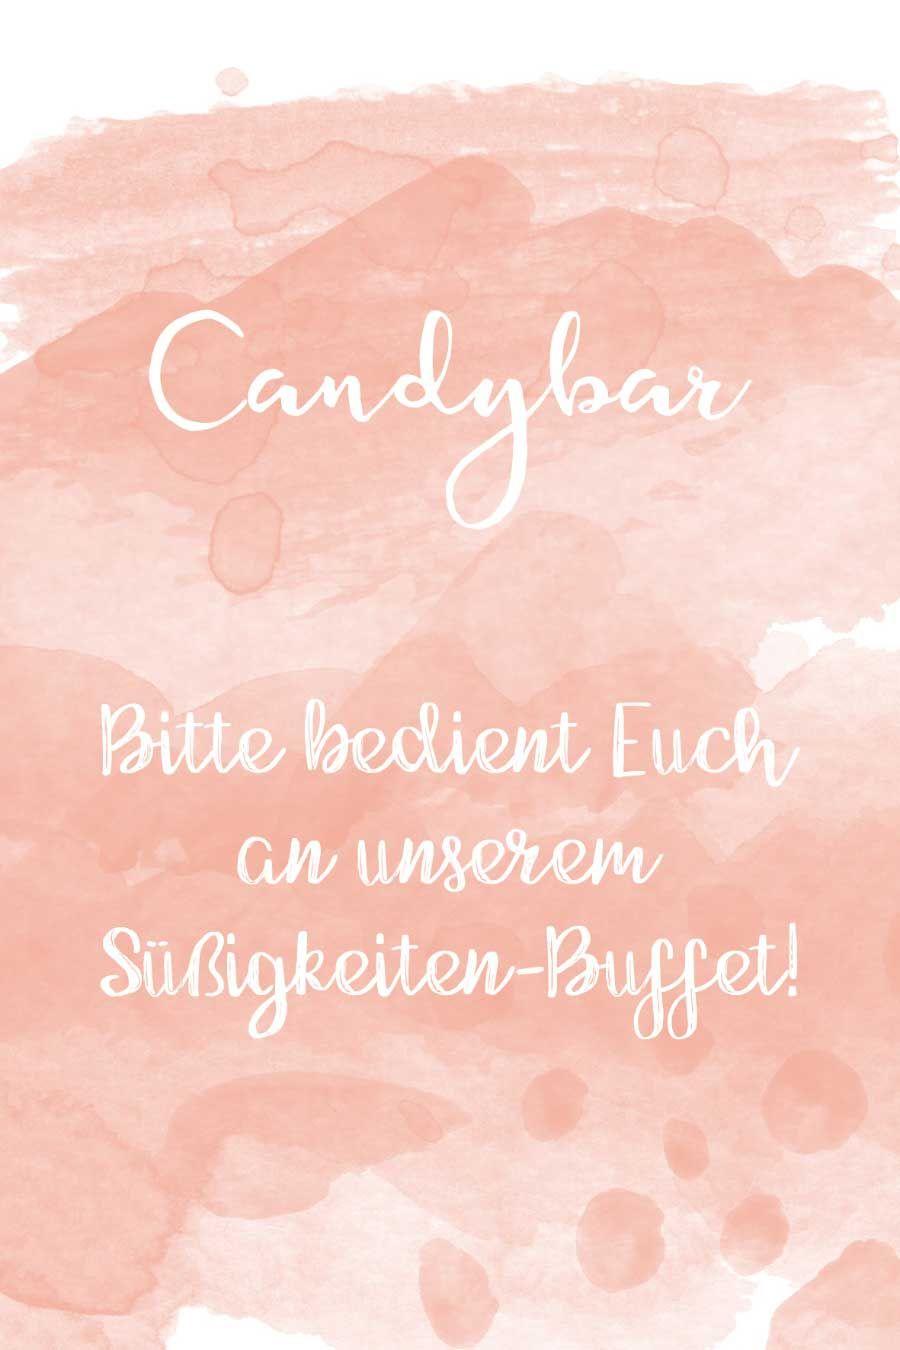 candybar schild f r euer s igkeiten buffet findet bei. Black Bedroom Furniture Sets. Home Design Ideas